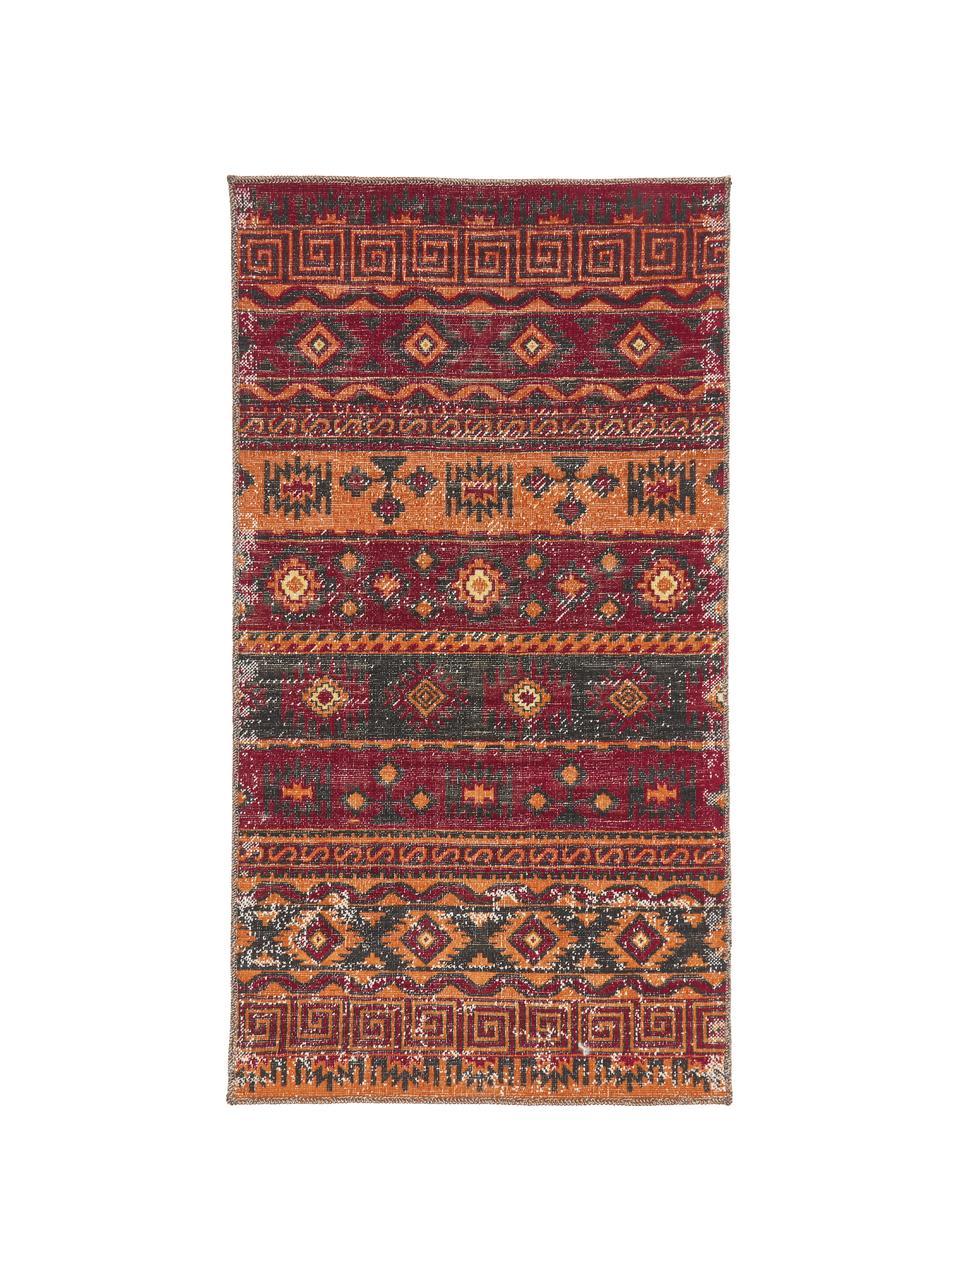 Dywan wewnętrzny/zewnętrzny  Tilas Istanbul, Ciemny czerwony, musztardowy, khaki, S 80 x D 150 cm (Rozmiar XS)